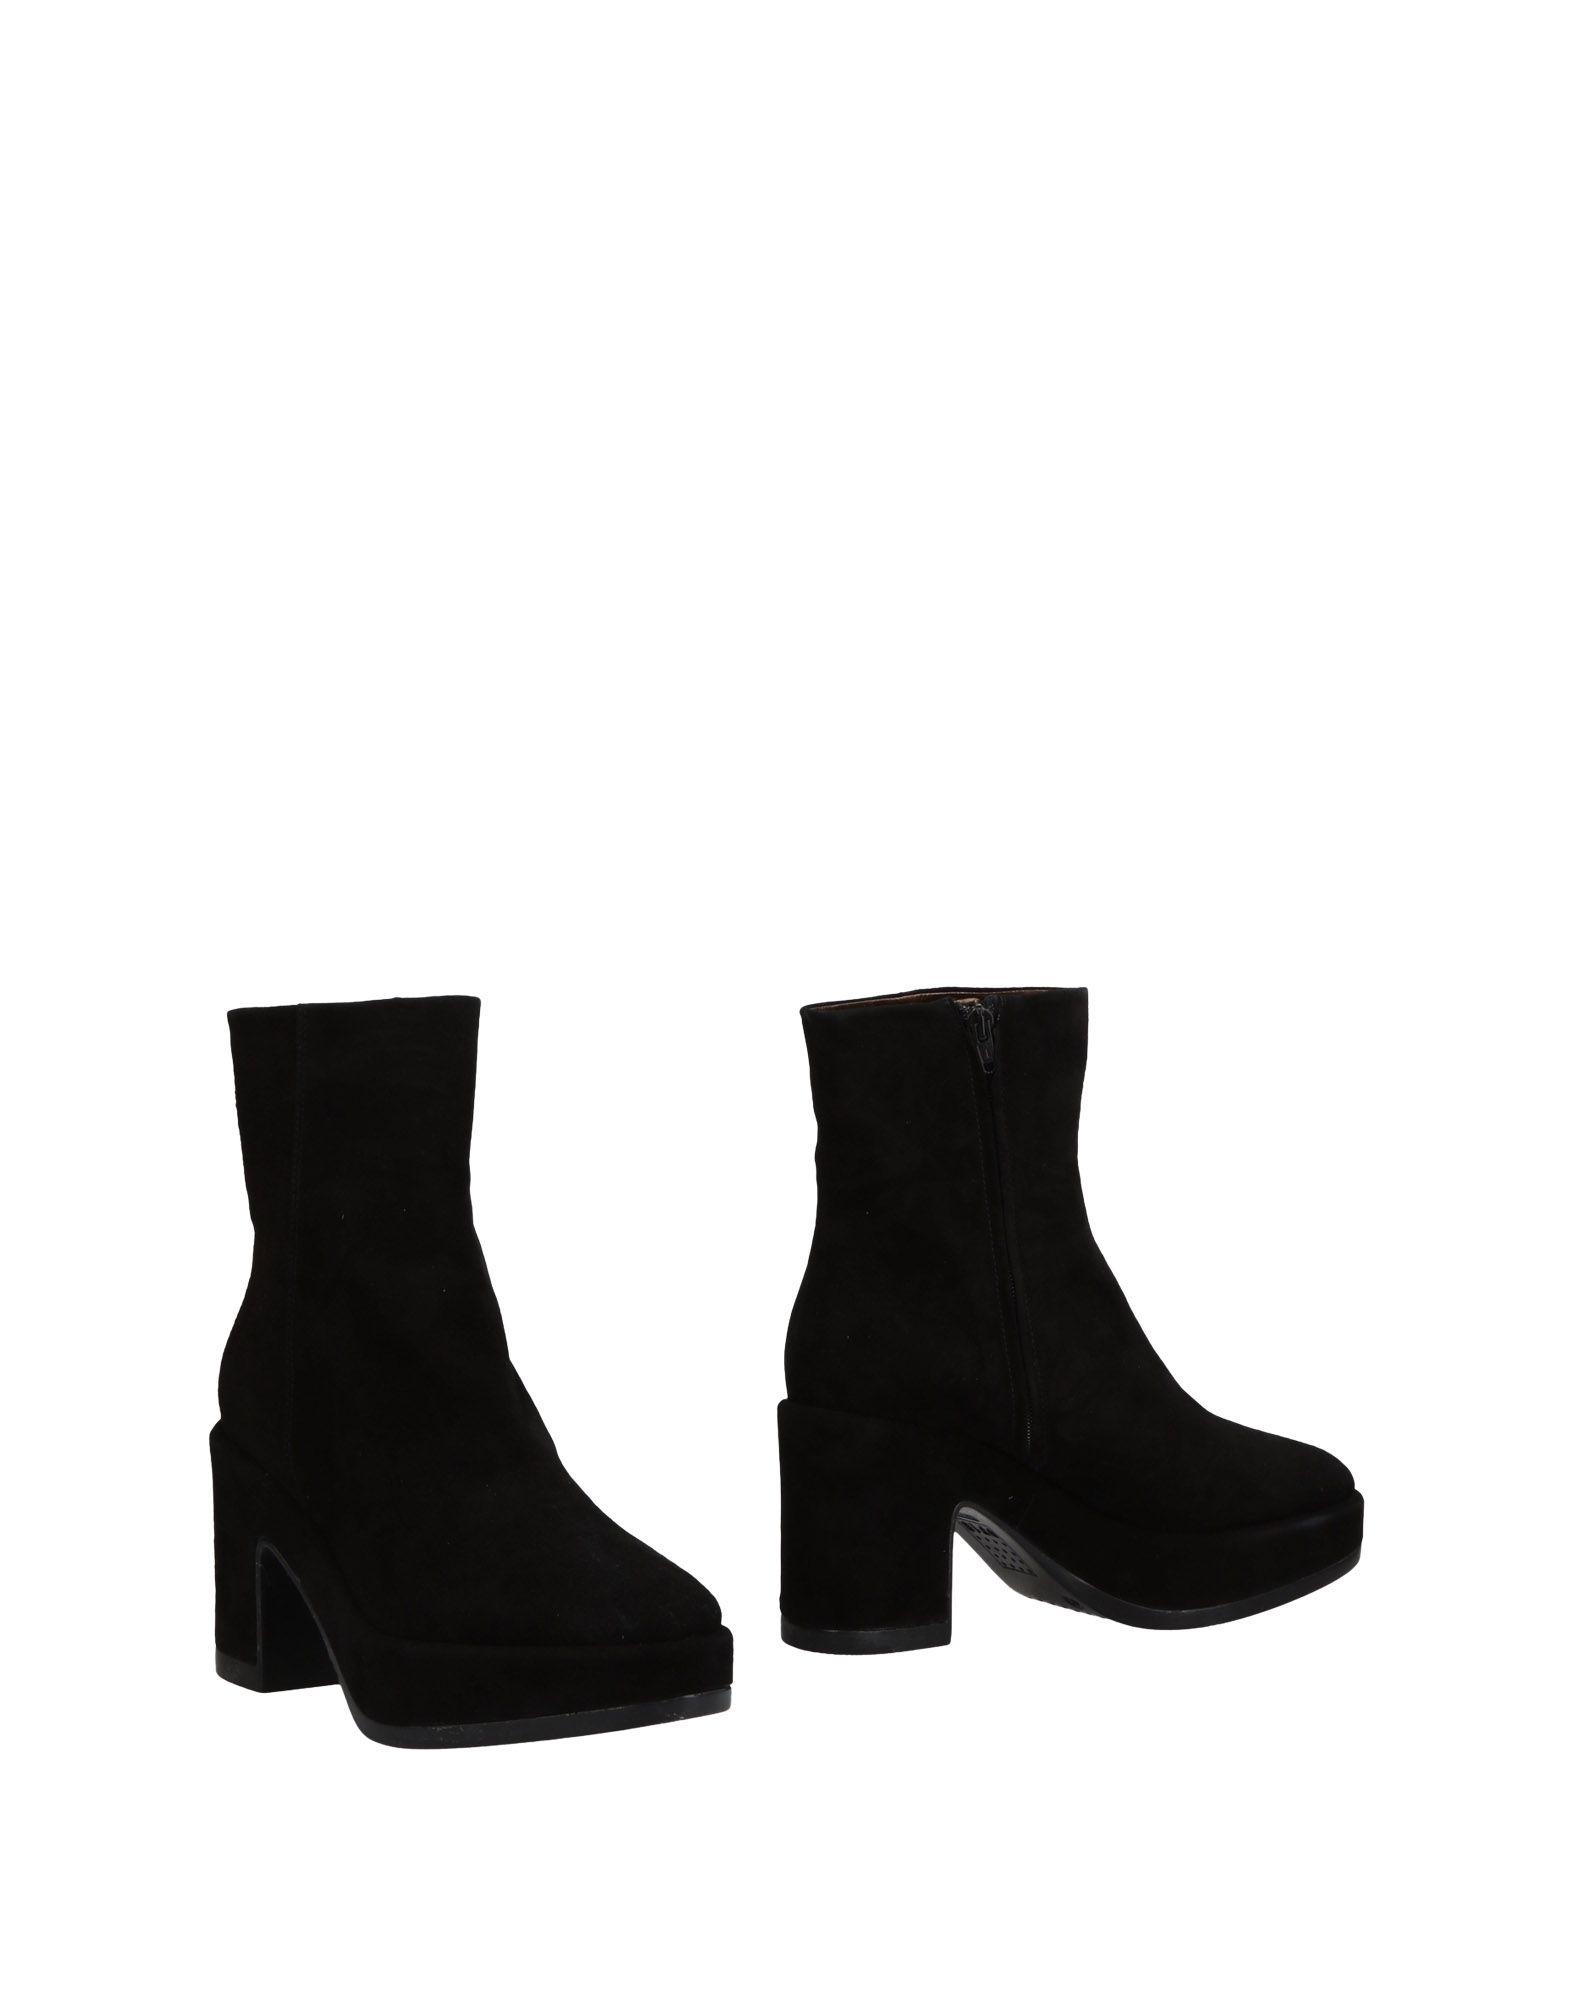 Pf16 Chelsea Boots Damen  11486038WT Gute Qualität beliebte Schuhe